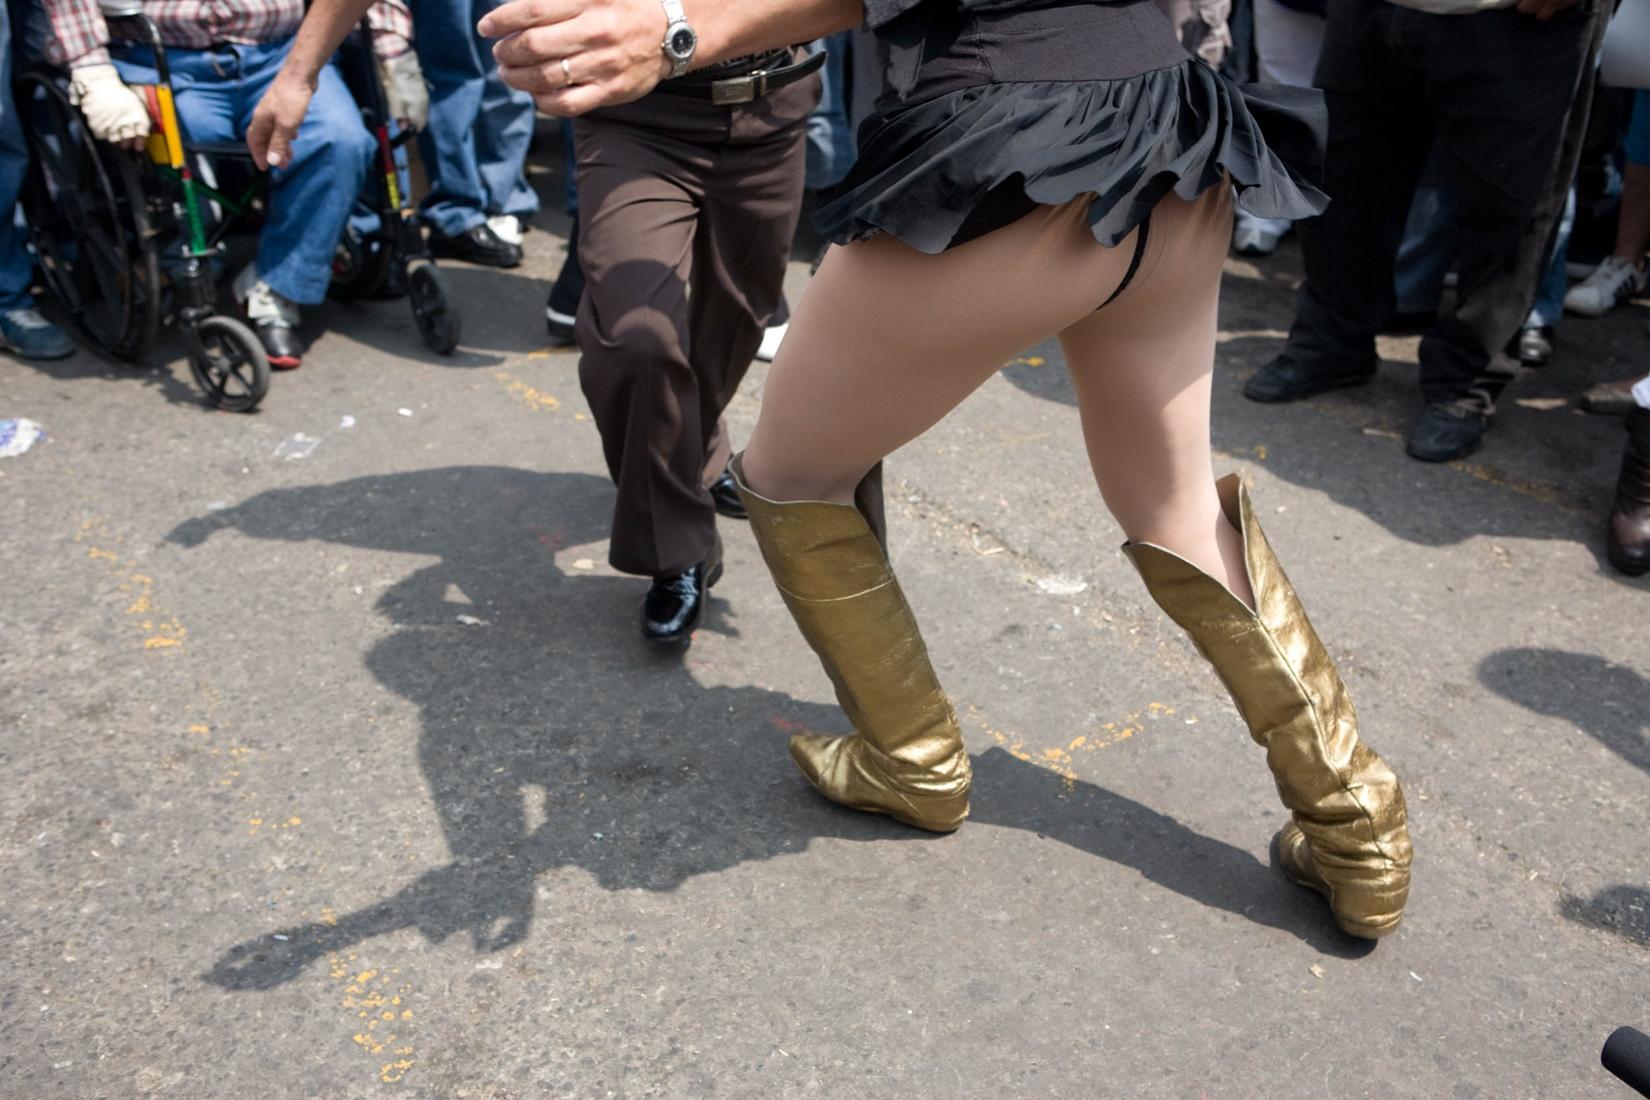 · Dance in the Tepito anniversary party. Tepito, Mexico D.F. October, 2009 One of the many gifs, photo by photo to be enjoyed. // · Baile en el aniversario de Tepito. Tepito, Mexico D.F. Octubre, 2009. Uno de los gifs que hacia, acá foto por foto para disfrutar de cada imagen.